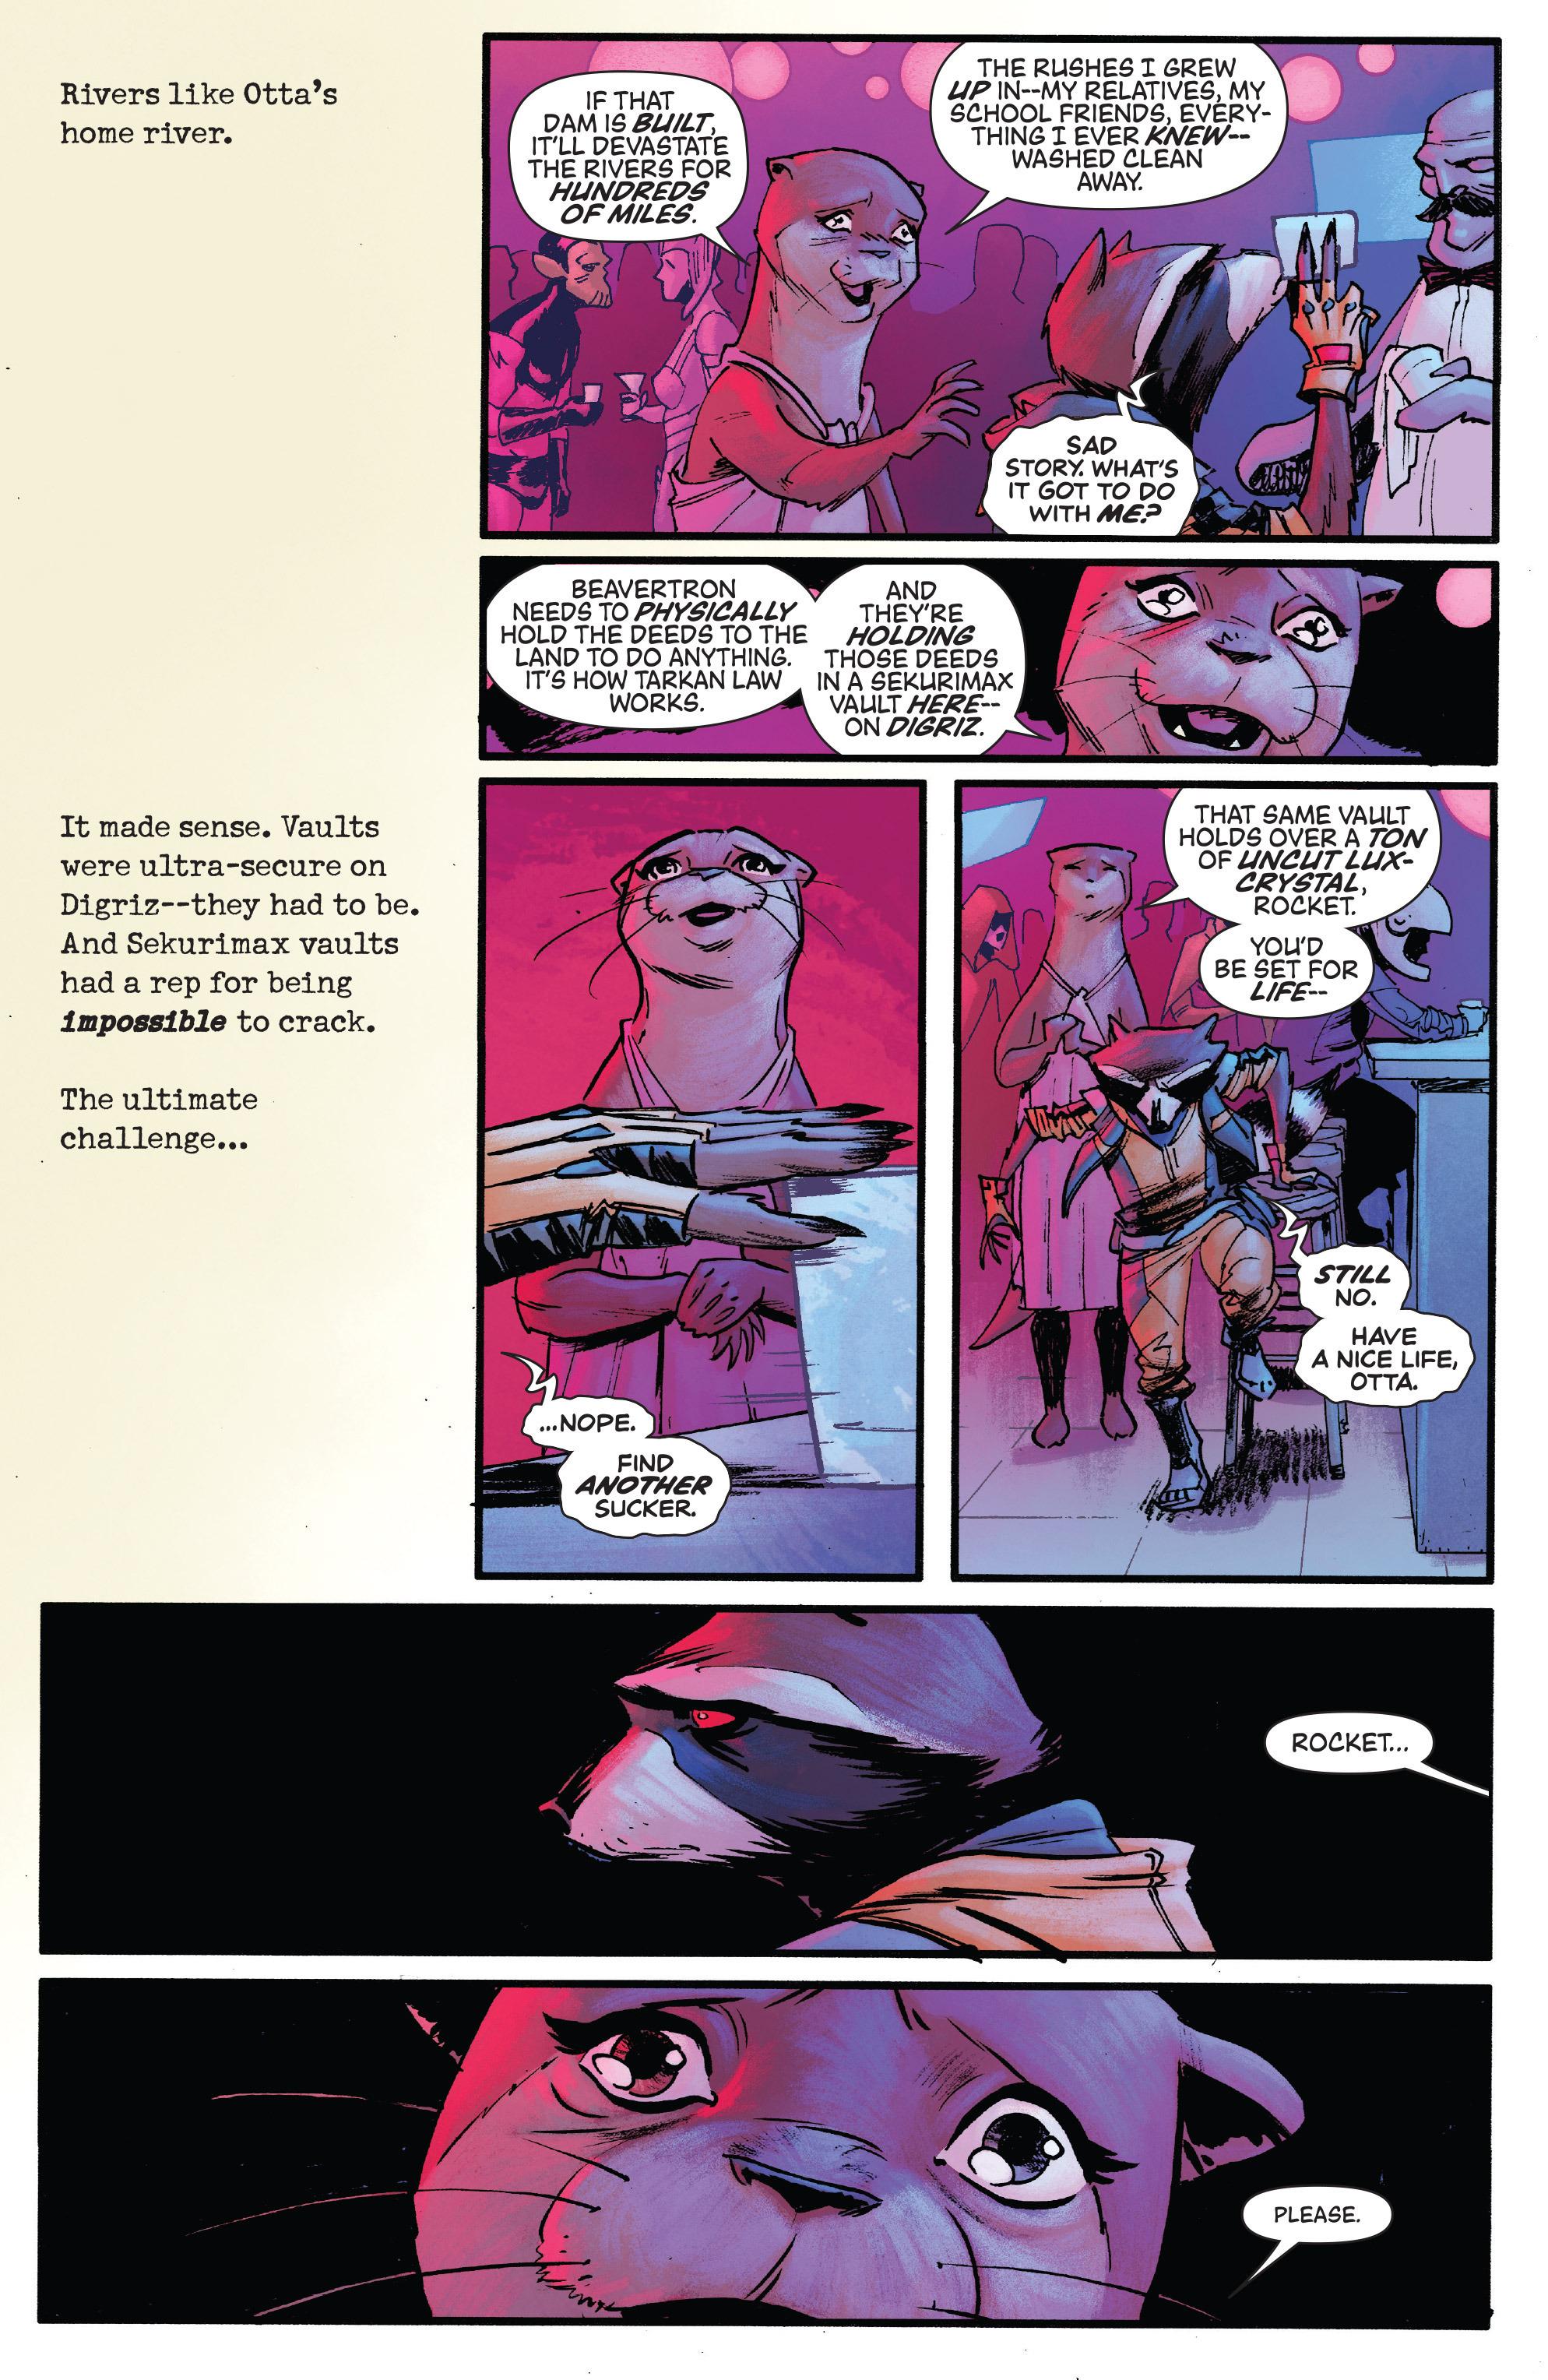 Read online Rocket comic -  Issue #1 - 11